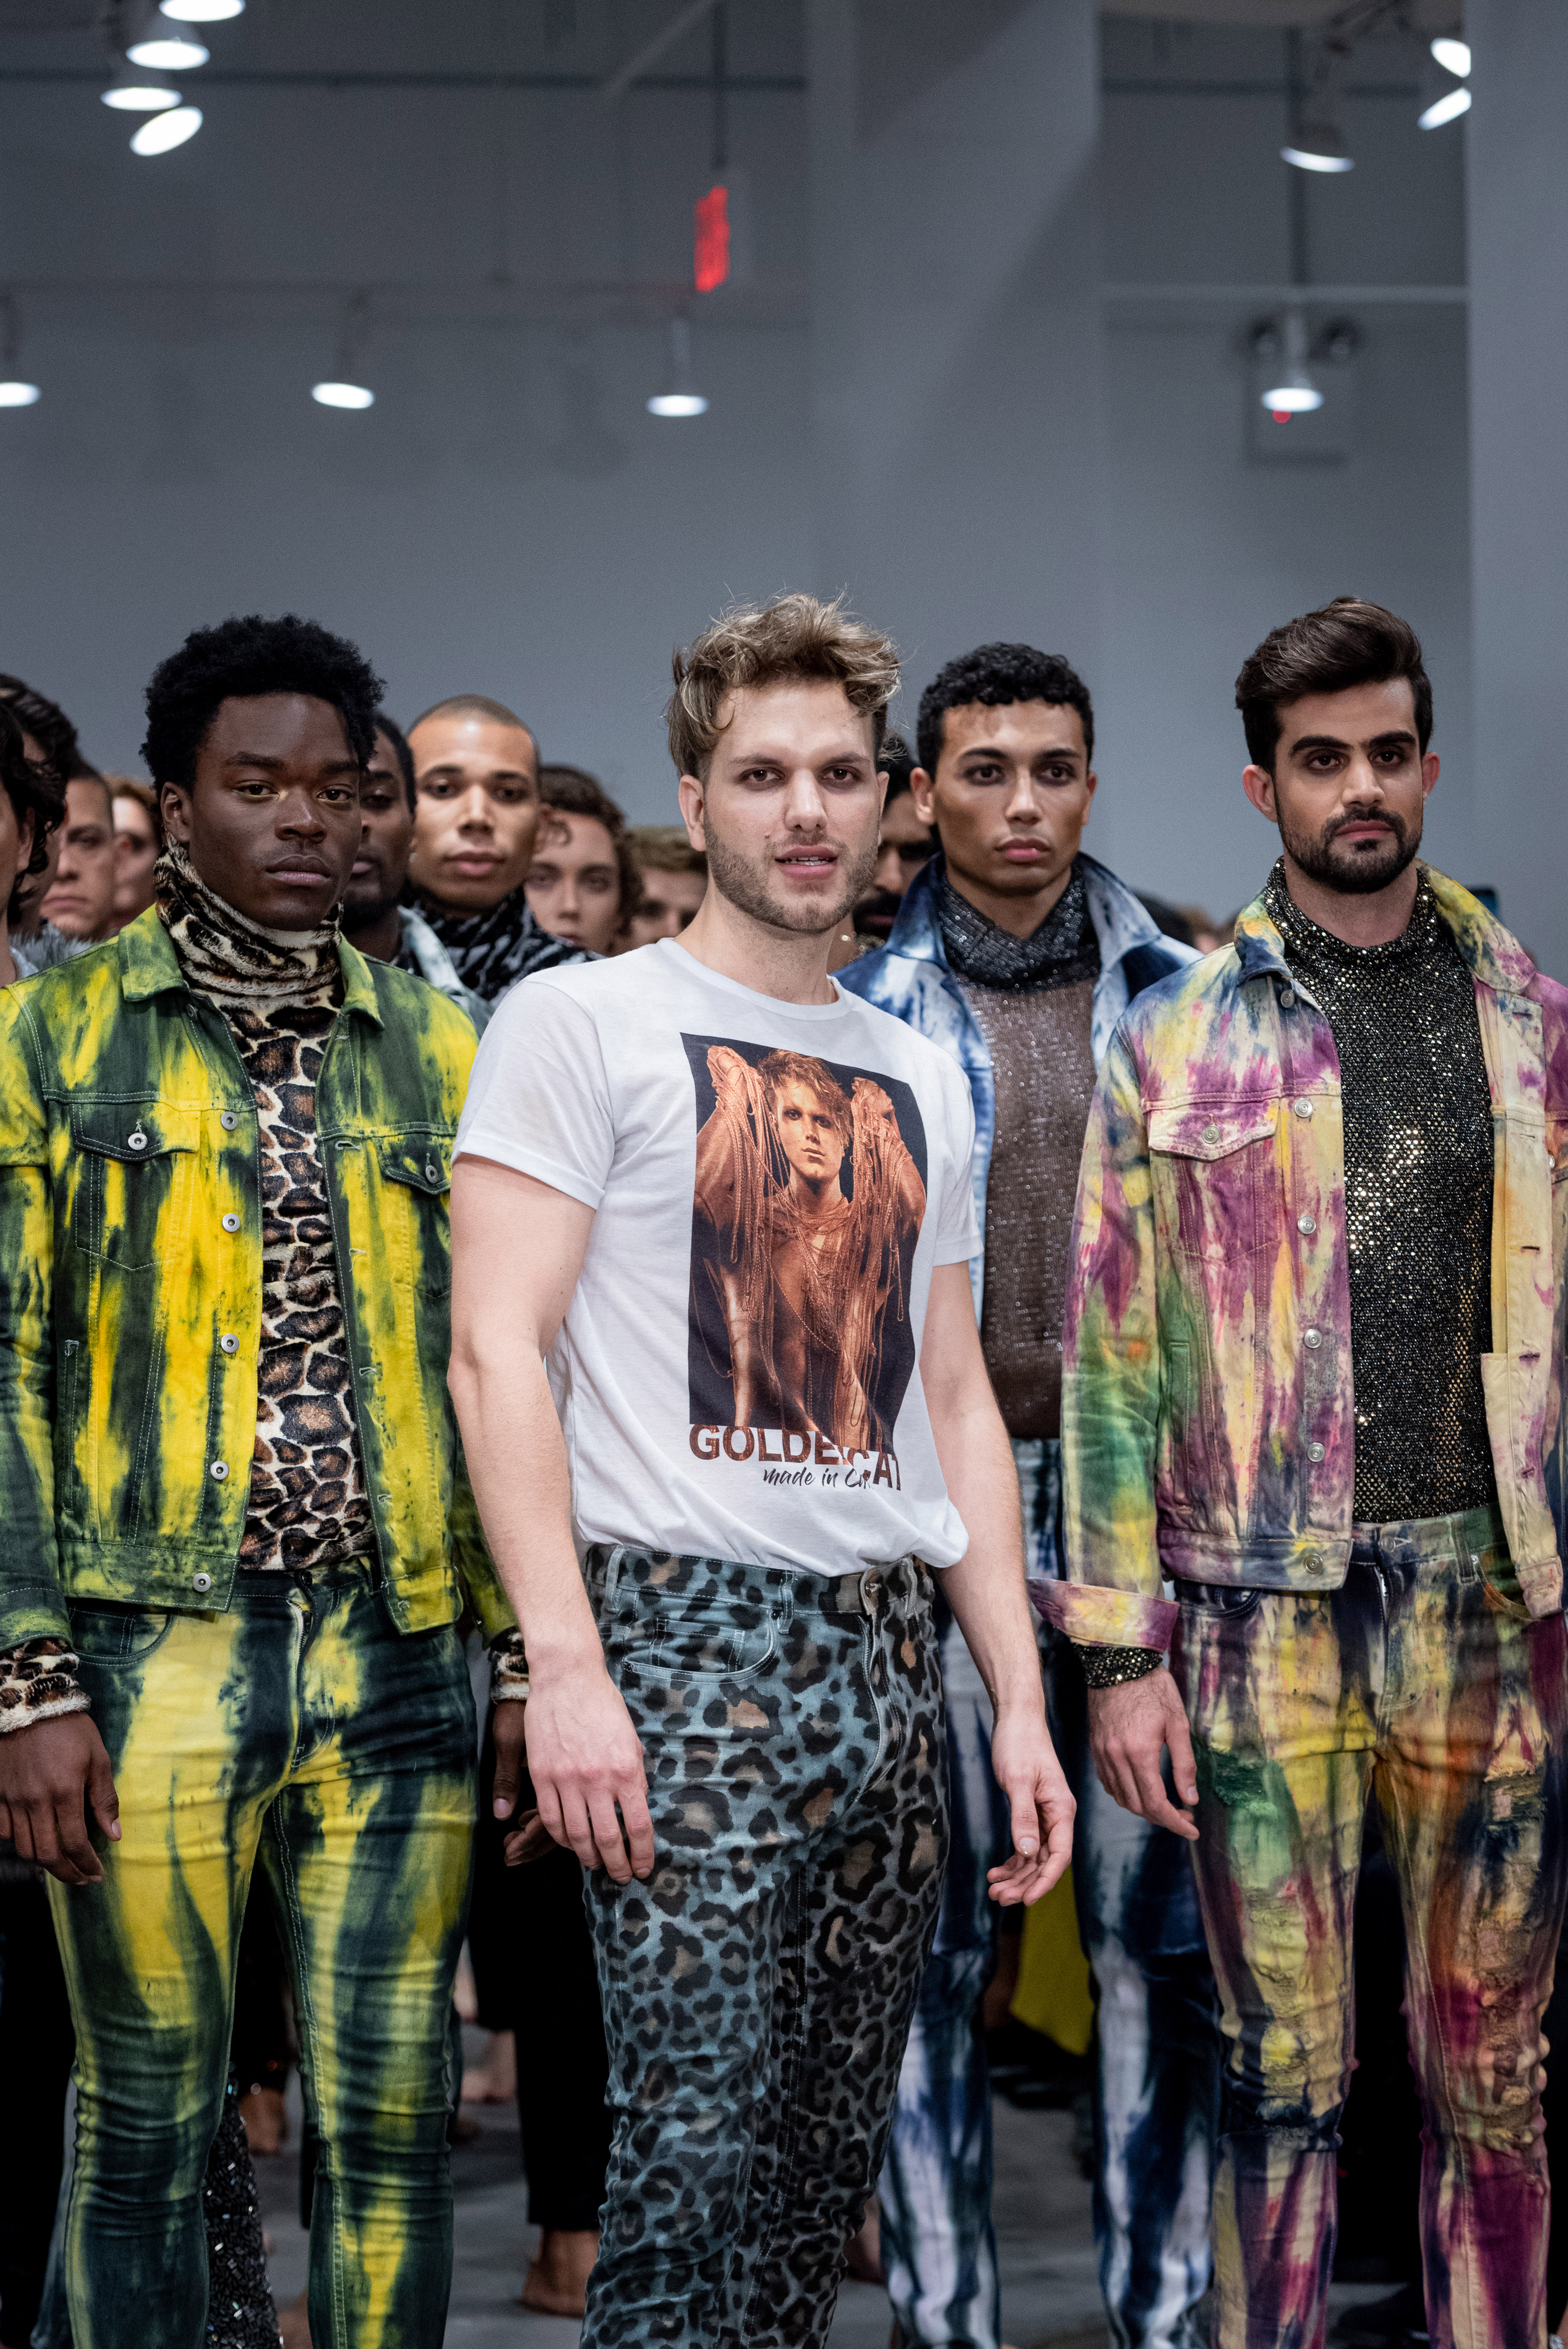 """Entrevista a Vedran Santelices, el diseñador tras la firma chilena Goldencat: """"Una vez recibida la invitación a participar en New York Fashion Week no dudé en aceptar el desafío de mostrar mi colección en la Gran Manzana"""""""